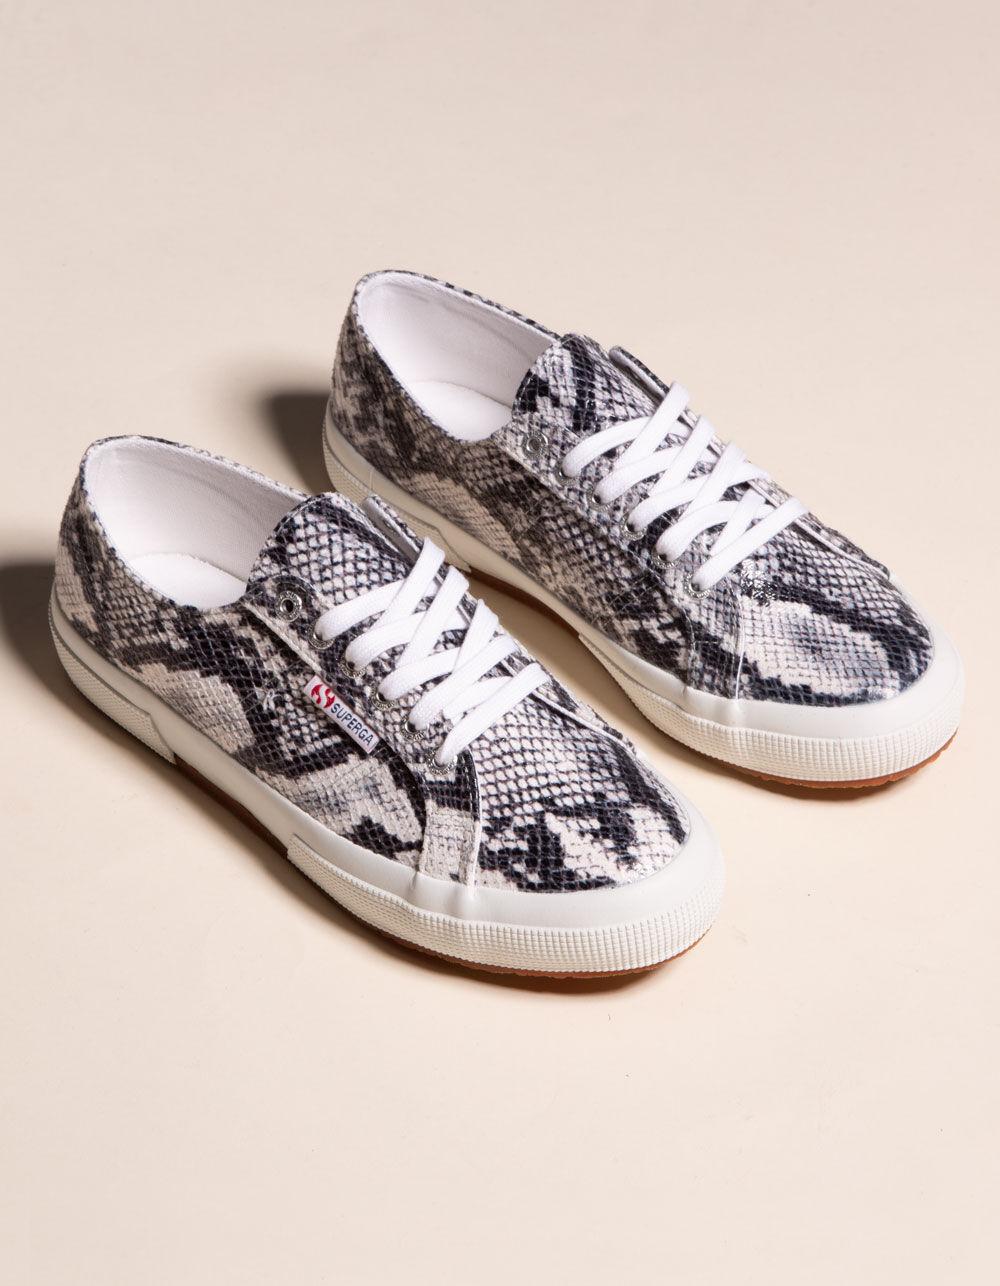 SUPERGA 2750 Pufanw Snake Shoes